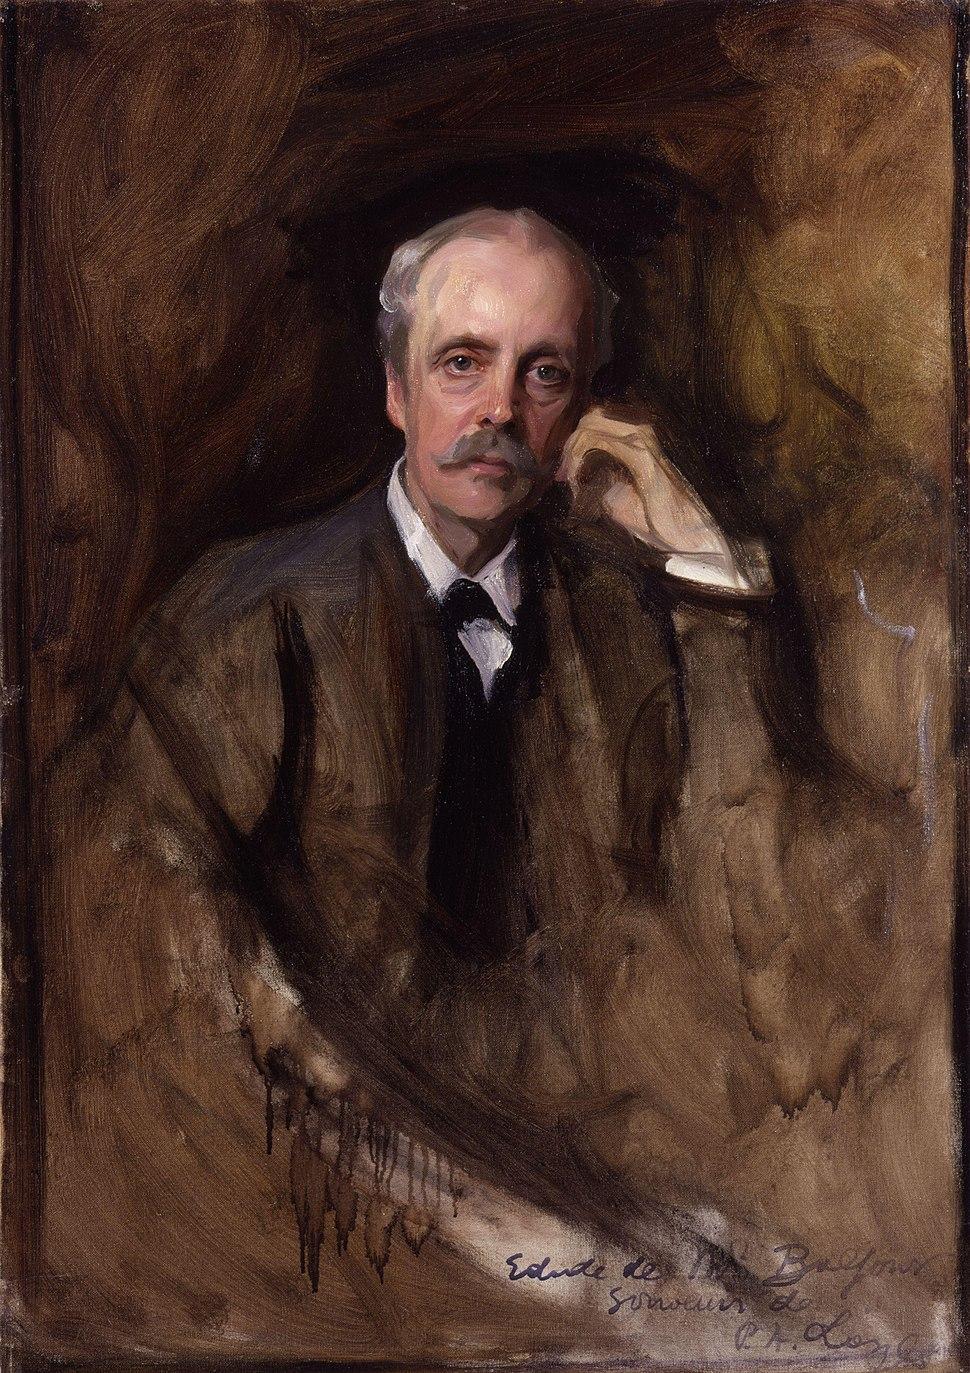 Arthur James Balfour, 1st Earl of Balfour by Philip Alexius de László